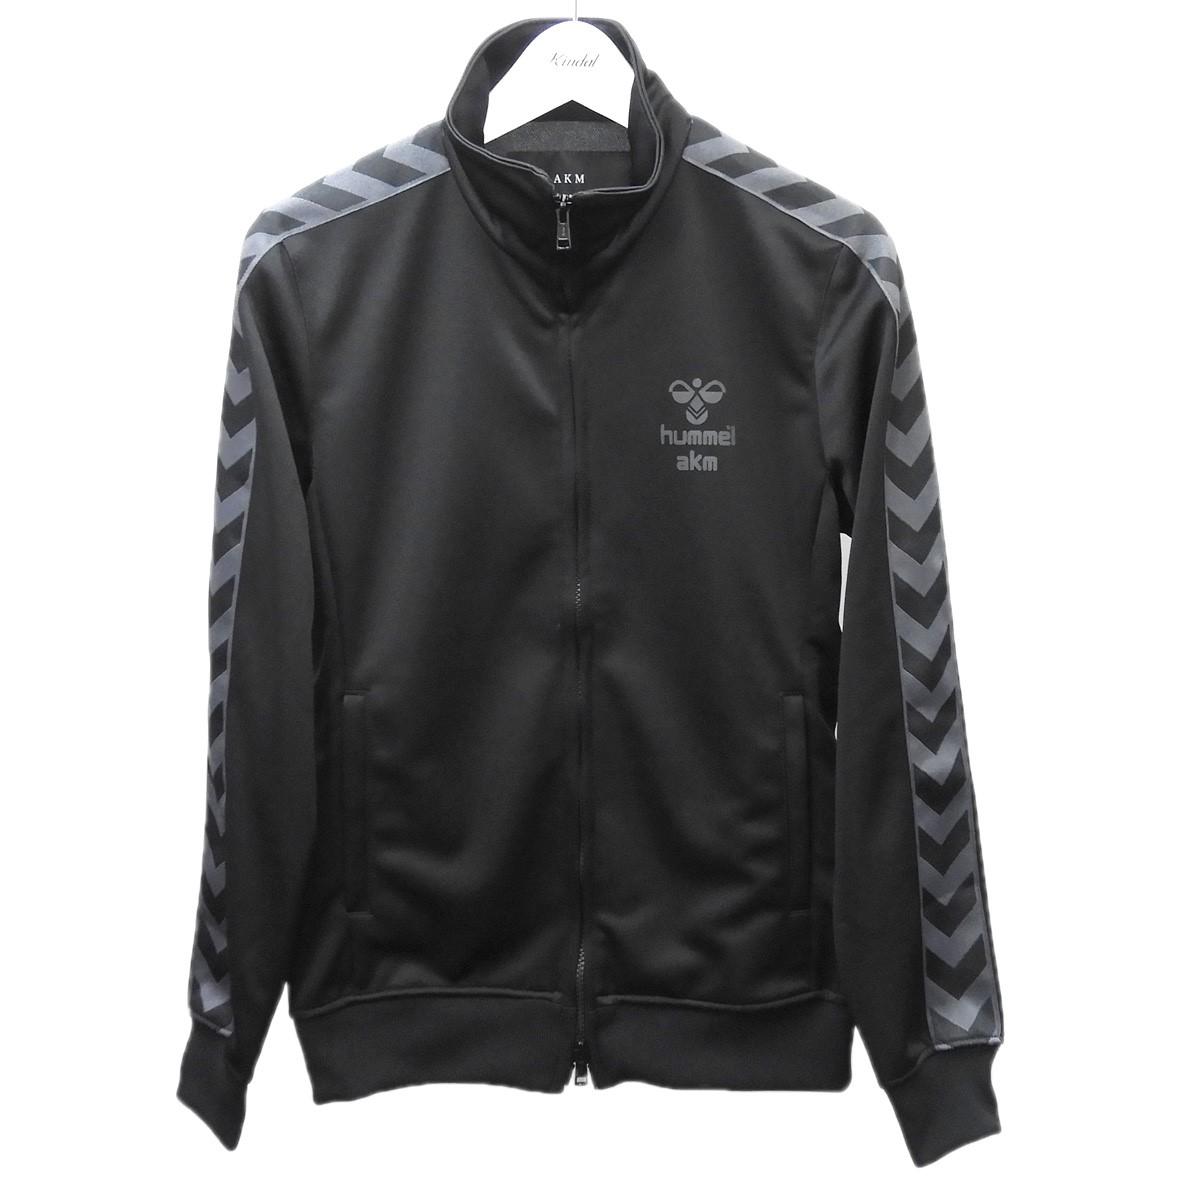 【中古】AKM×HUMMEL 「TRACK JKT」トラックジャケット ブラック サイズ:M 【060720】(エイケイエム ヒュンメル)